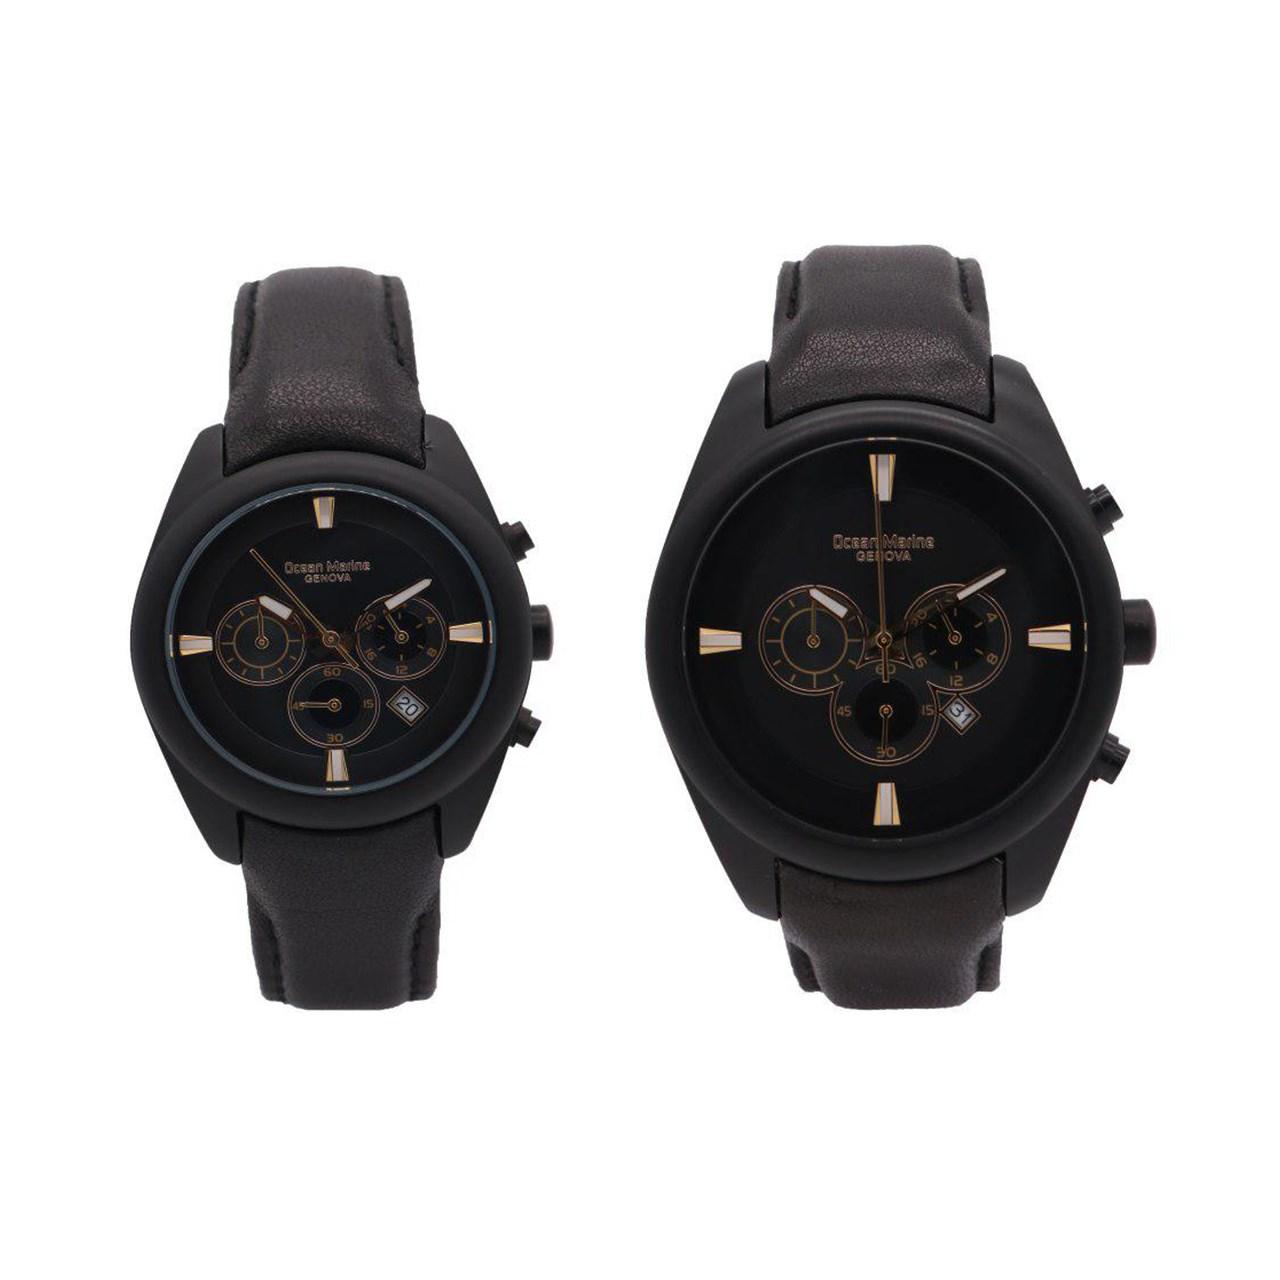 ساعت ست مردانه و زنانه اوشن مارین مدل OM-8106L-1 و OM-8106G-1